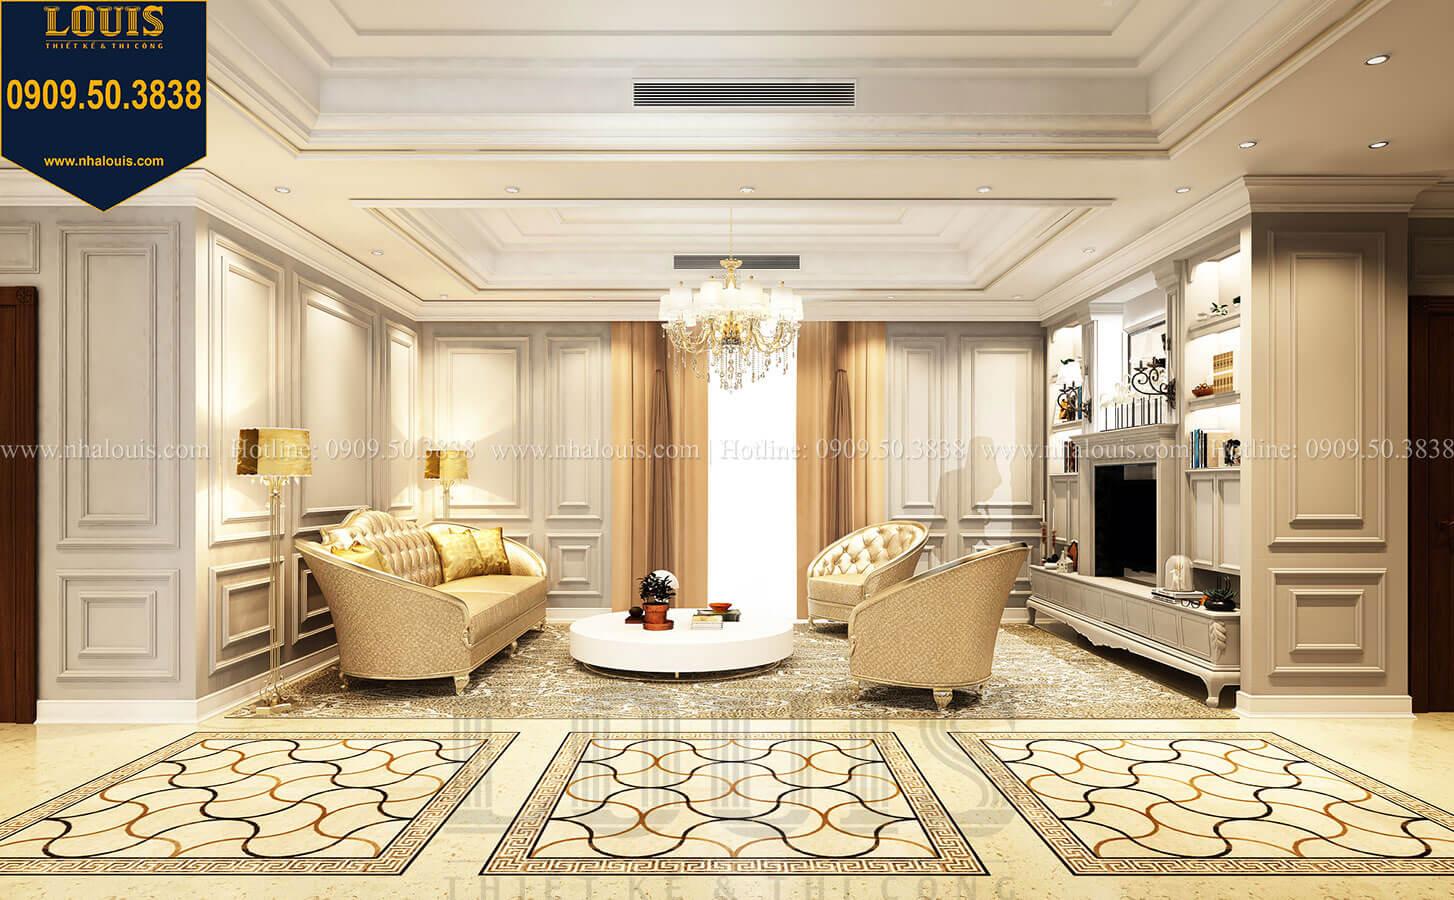 Phòng sinh hoạt chung Thiết kế mẫu biệt thự tân cổ điển 3 tầng đậm chất Tây tại Vũng Tàu - 22